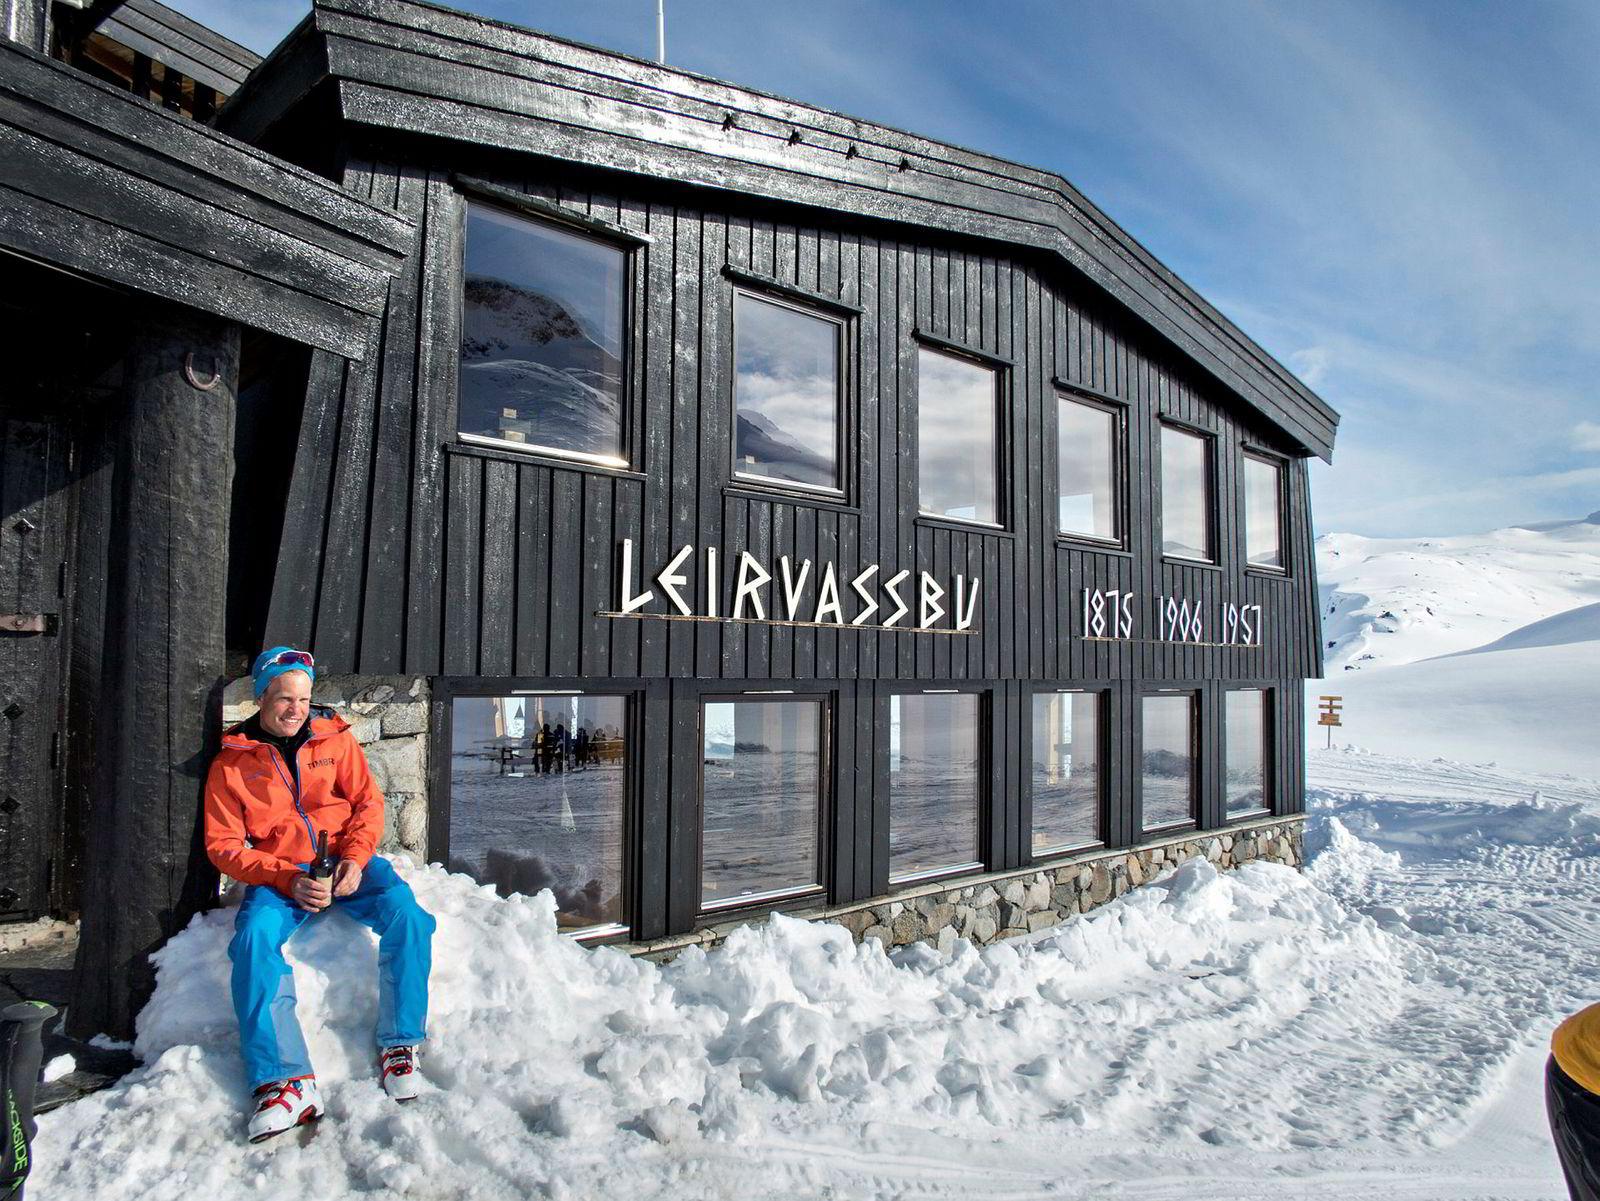 Den tradisjonsrike fjellstuen Leirvassbu har merket hvordan pågangen fra folk på jakt etter skikjøring i fjellsider har vokst år for år.